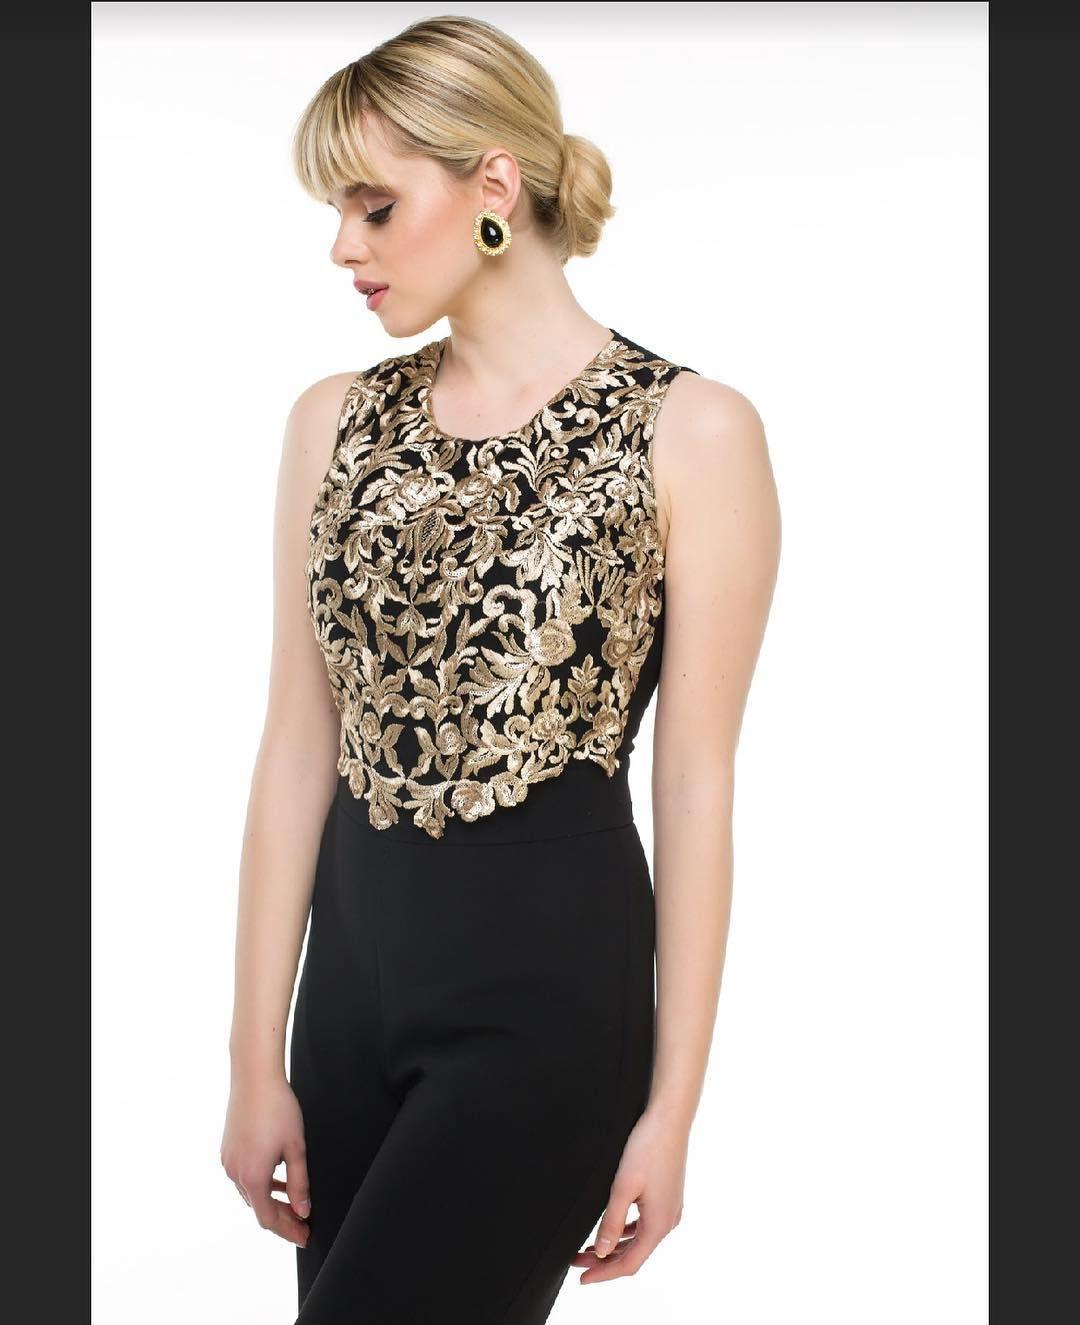 c4fc7170f05e3 Parantez de altın rüzğarı | Parantez Yeni Sezon Bayan Giyim | Giyim ...